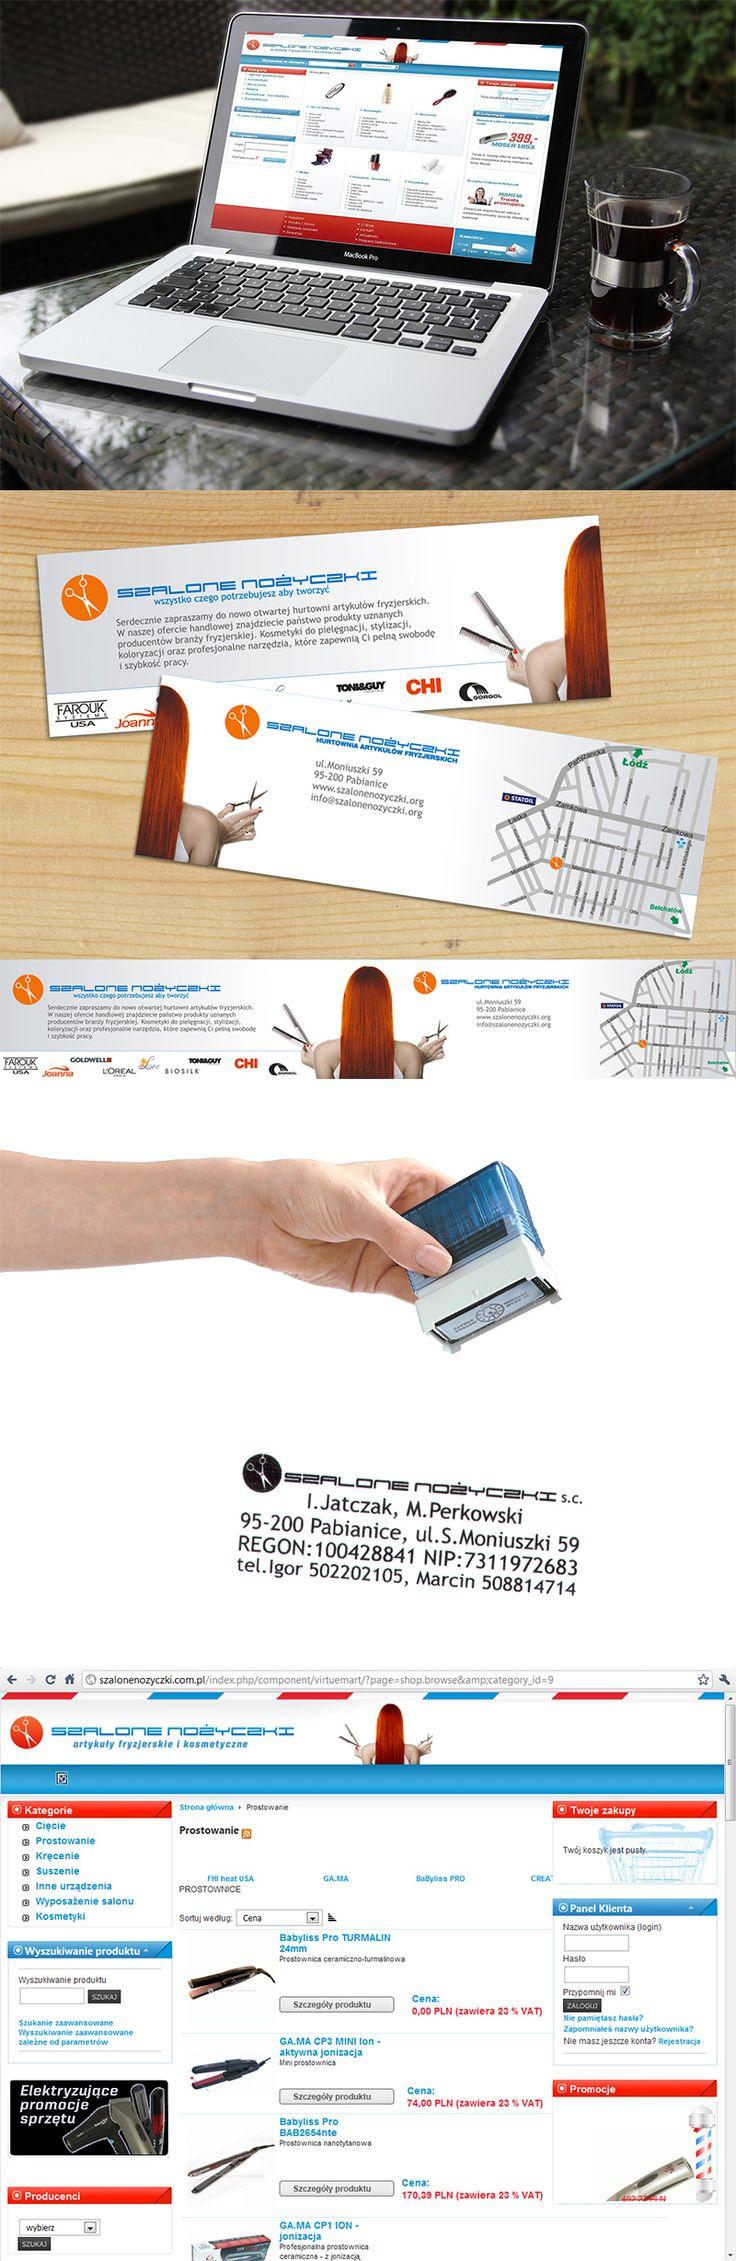 Sklep internetowy oparty o system VirtueMart oraz zestaw materiałów reklamowych dla hurtowni artykułów fryzjerskich z Pabianic.